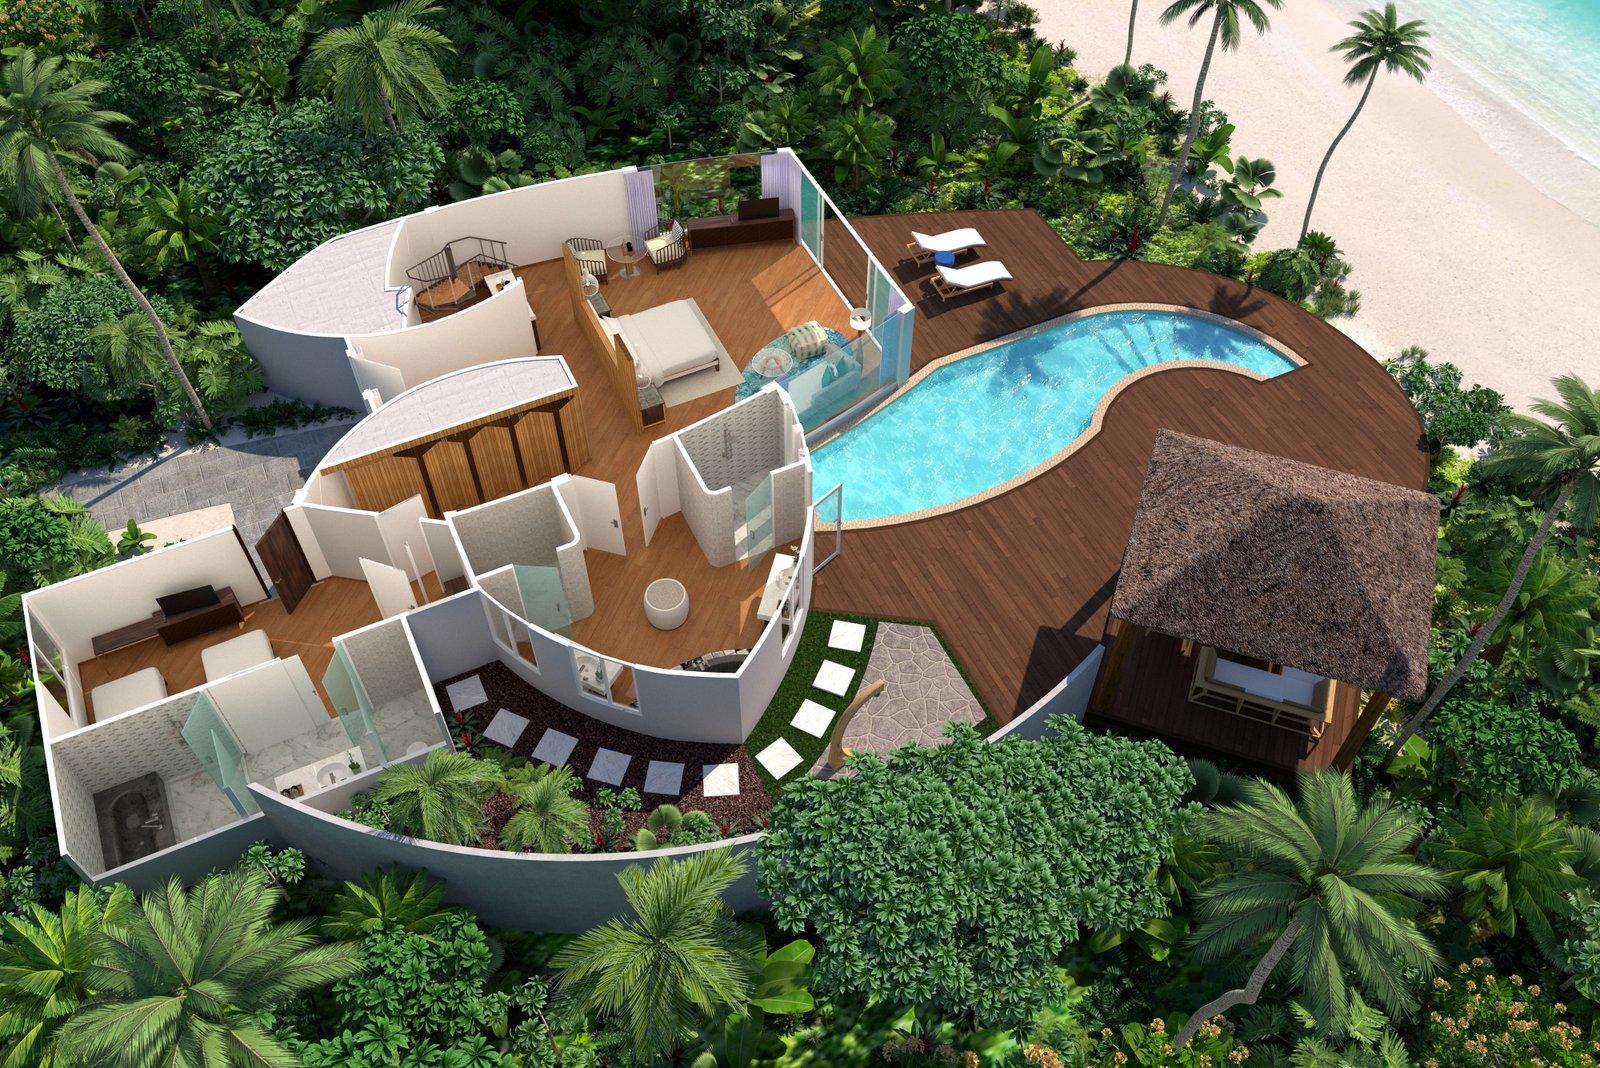 Мальдивы, отель JW Marriott Maldives Resort, план-схема номера Duplex Beach Pool Villa